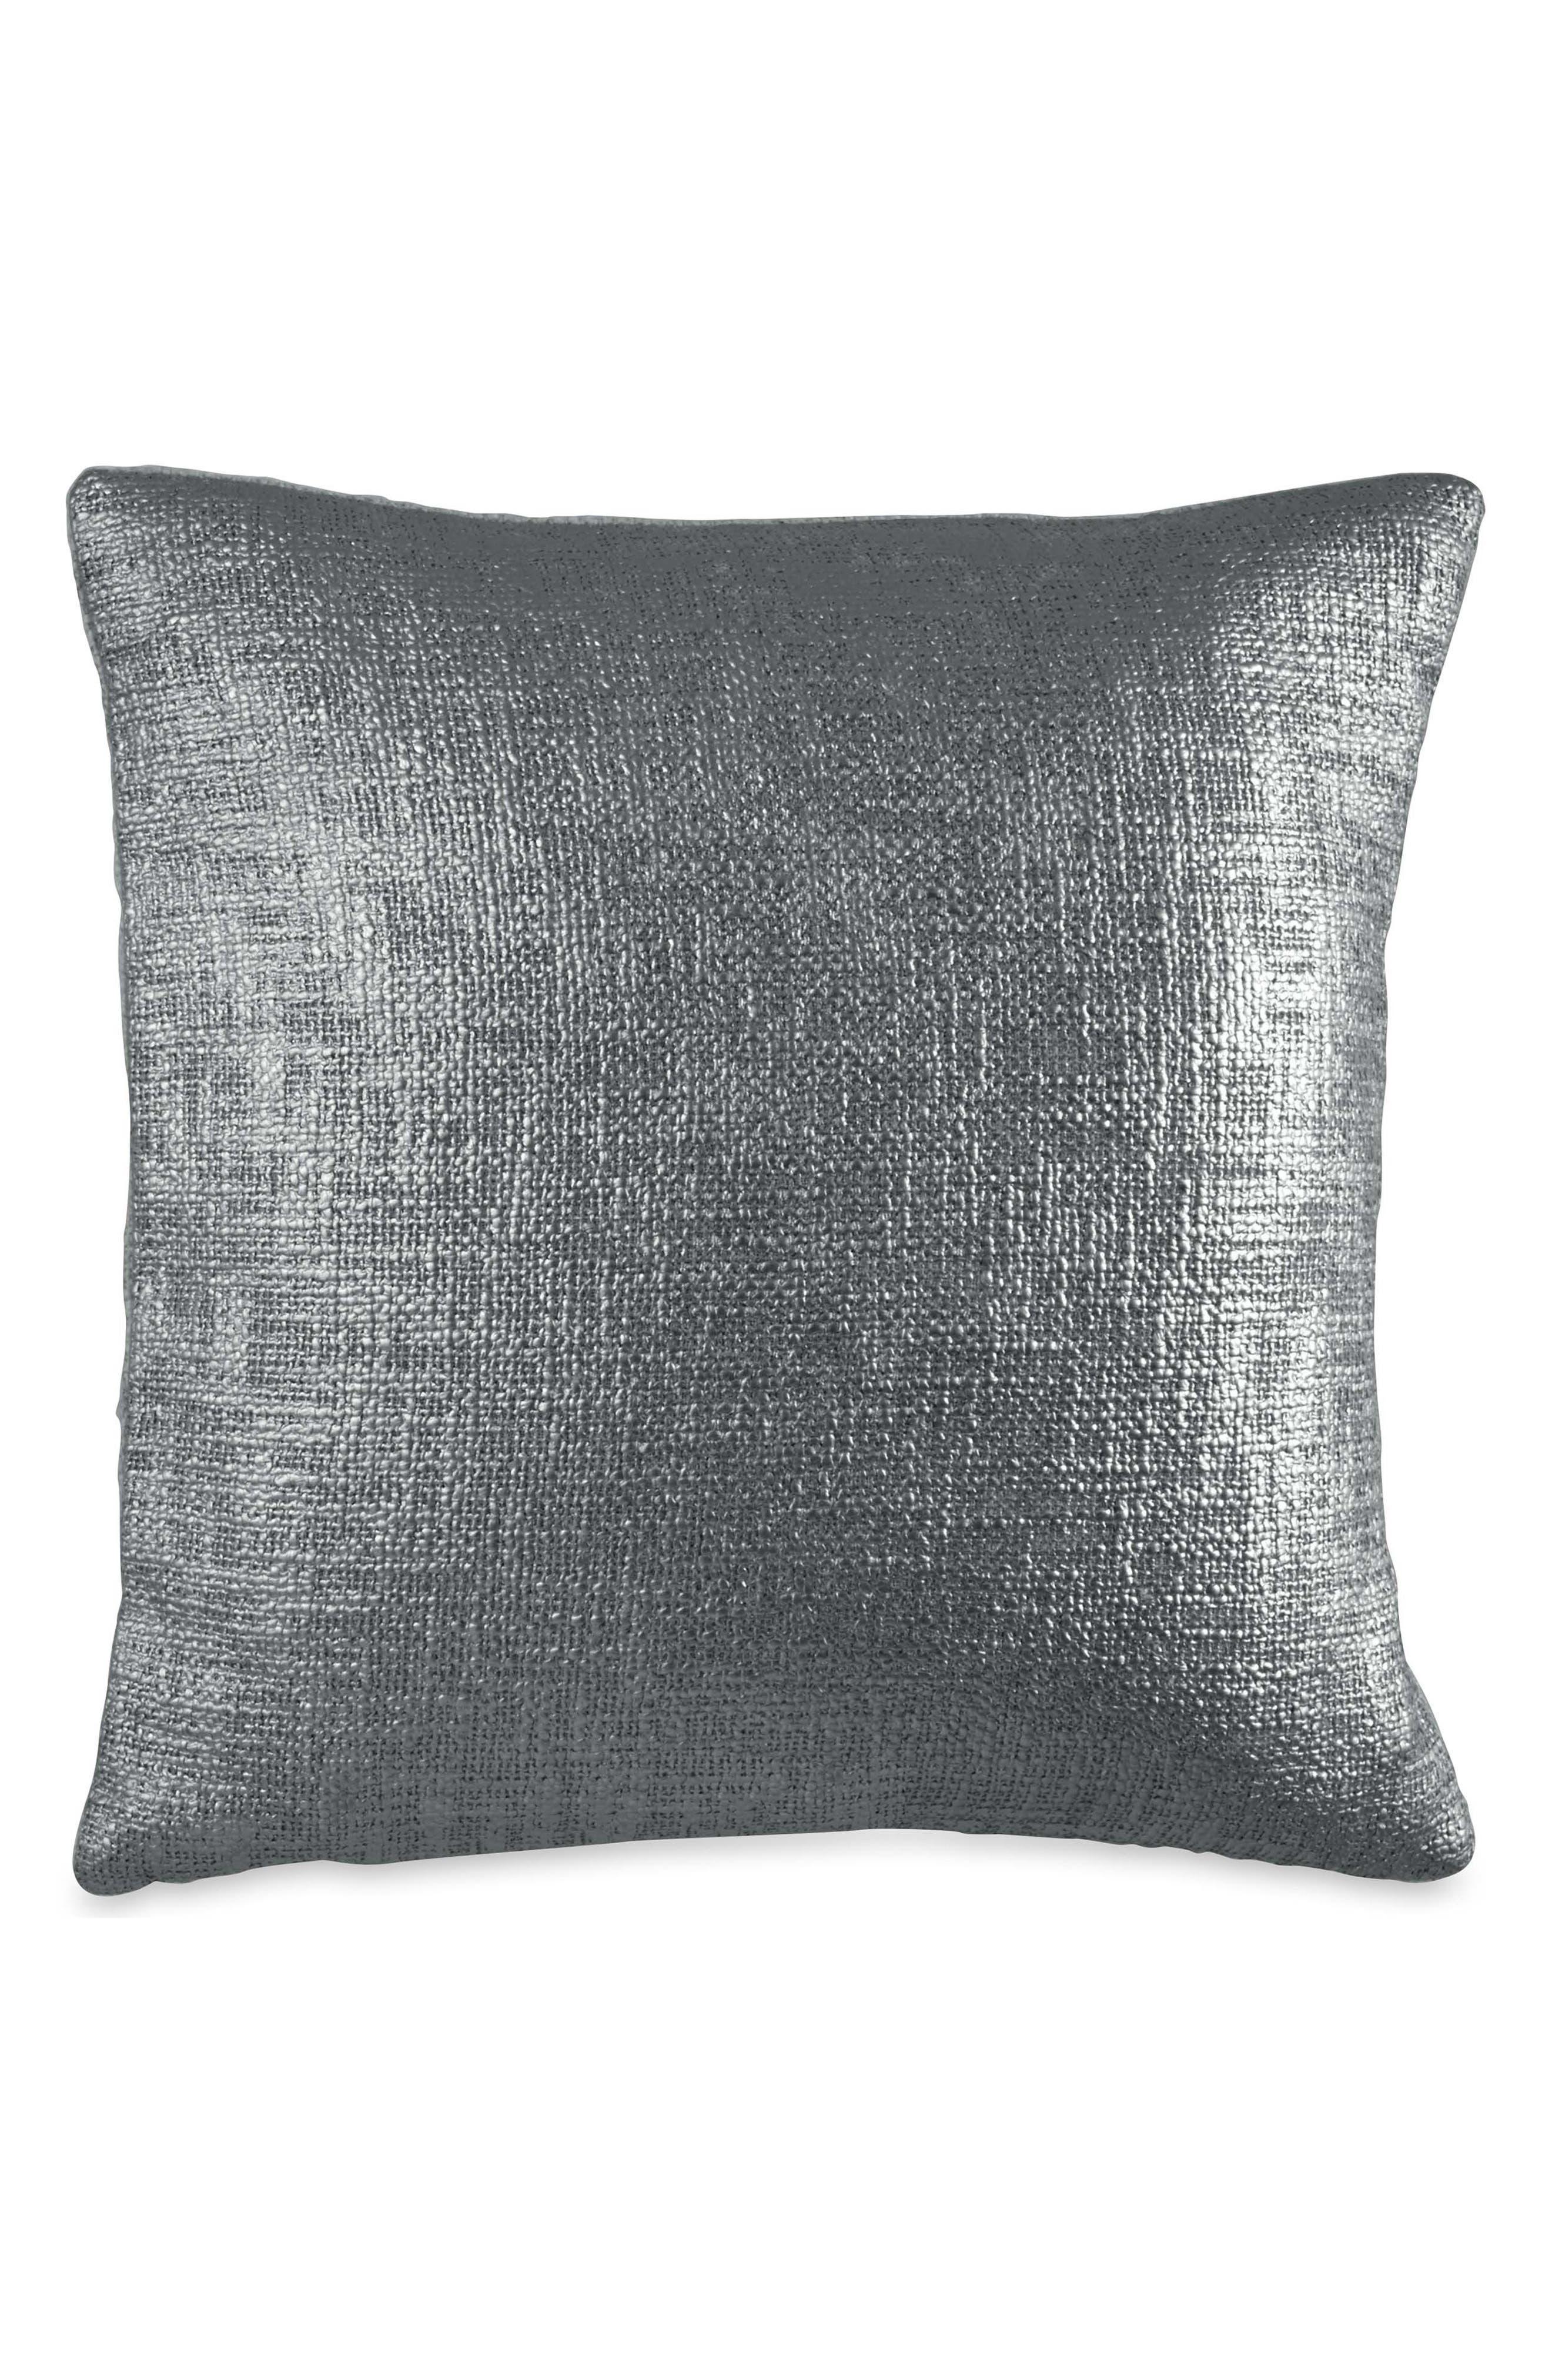 Main Image - DKNY Metro Matelassé Accent Pillow